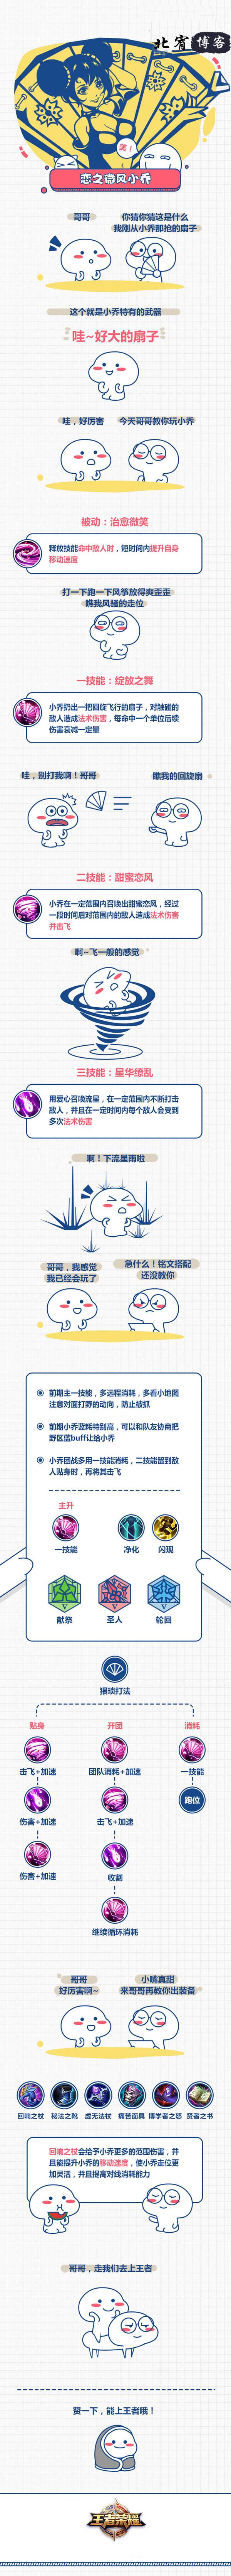 王者荣耀丨S9赛季小乔出装及铭文装配-V站